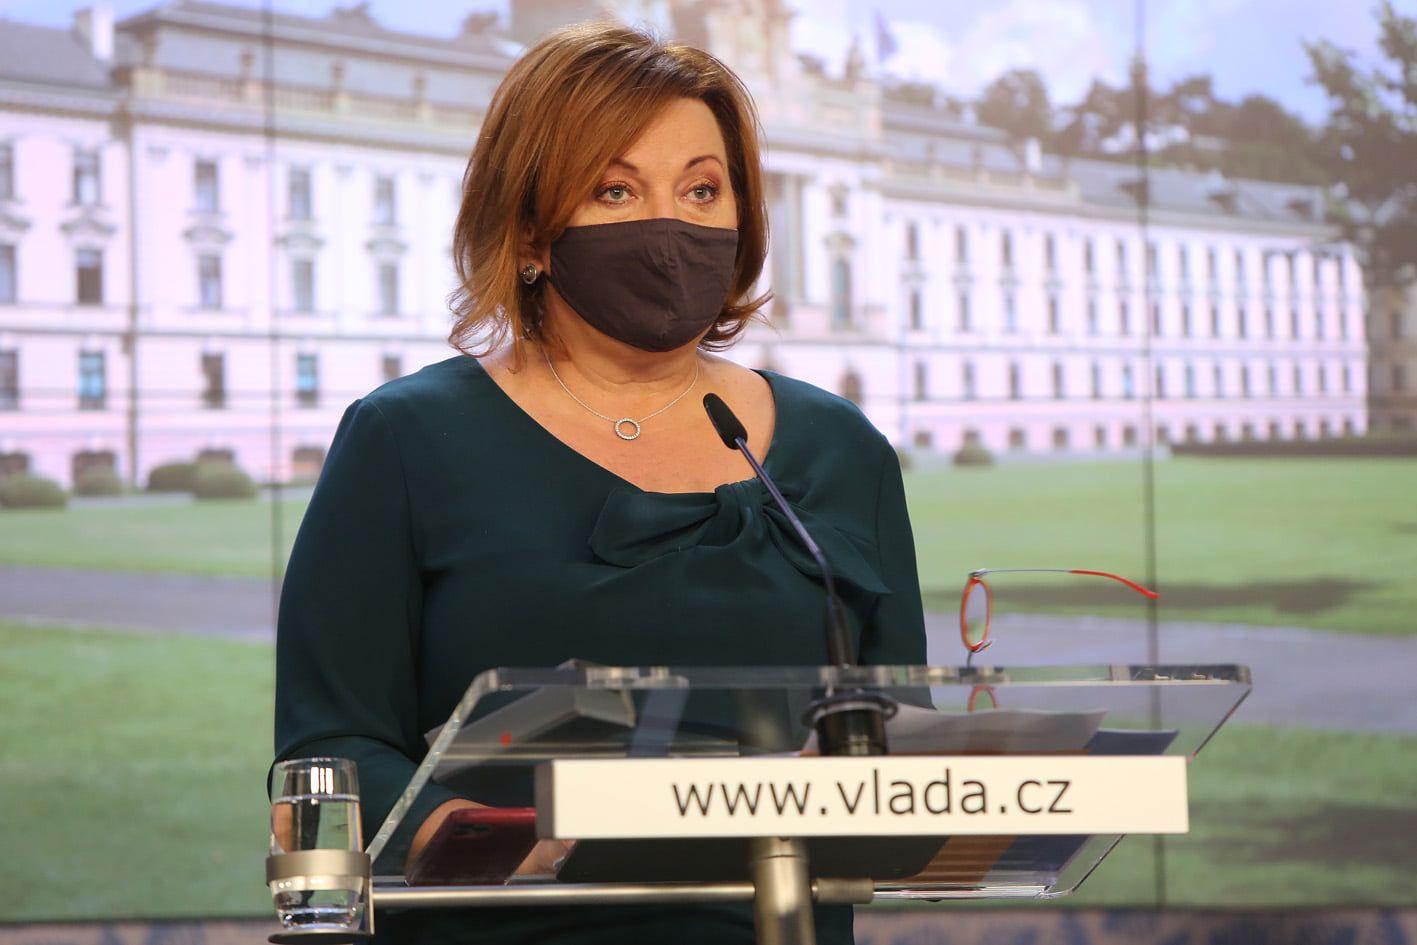 Umělci zasažení koronavirovou krizí dostanou od státu 60 000 korun, pomoc se chystá i pro další odvětví